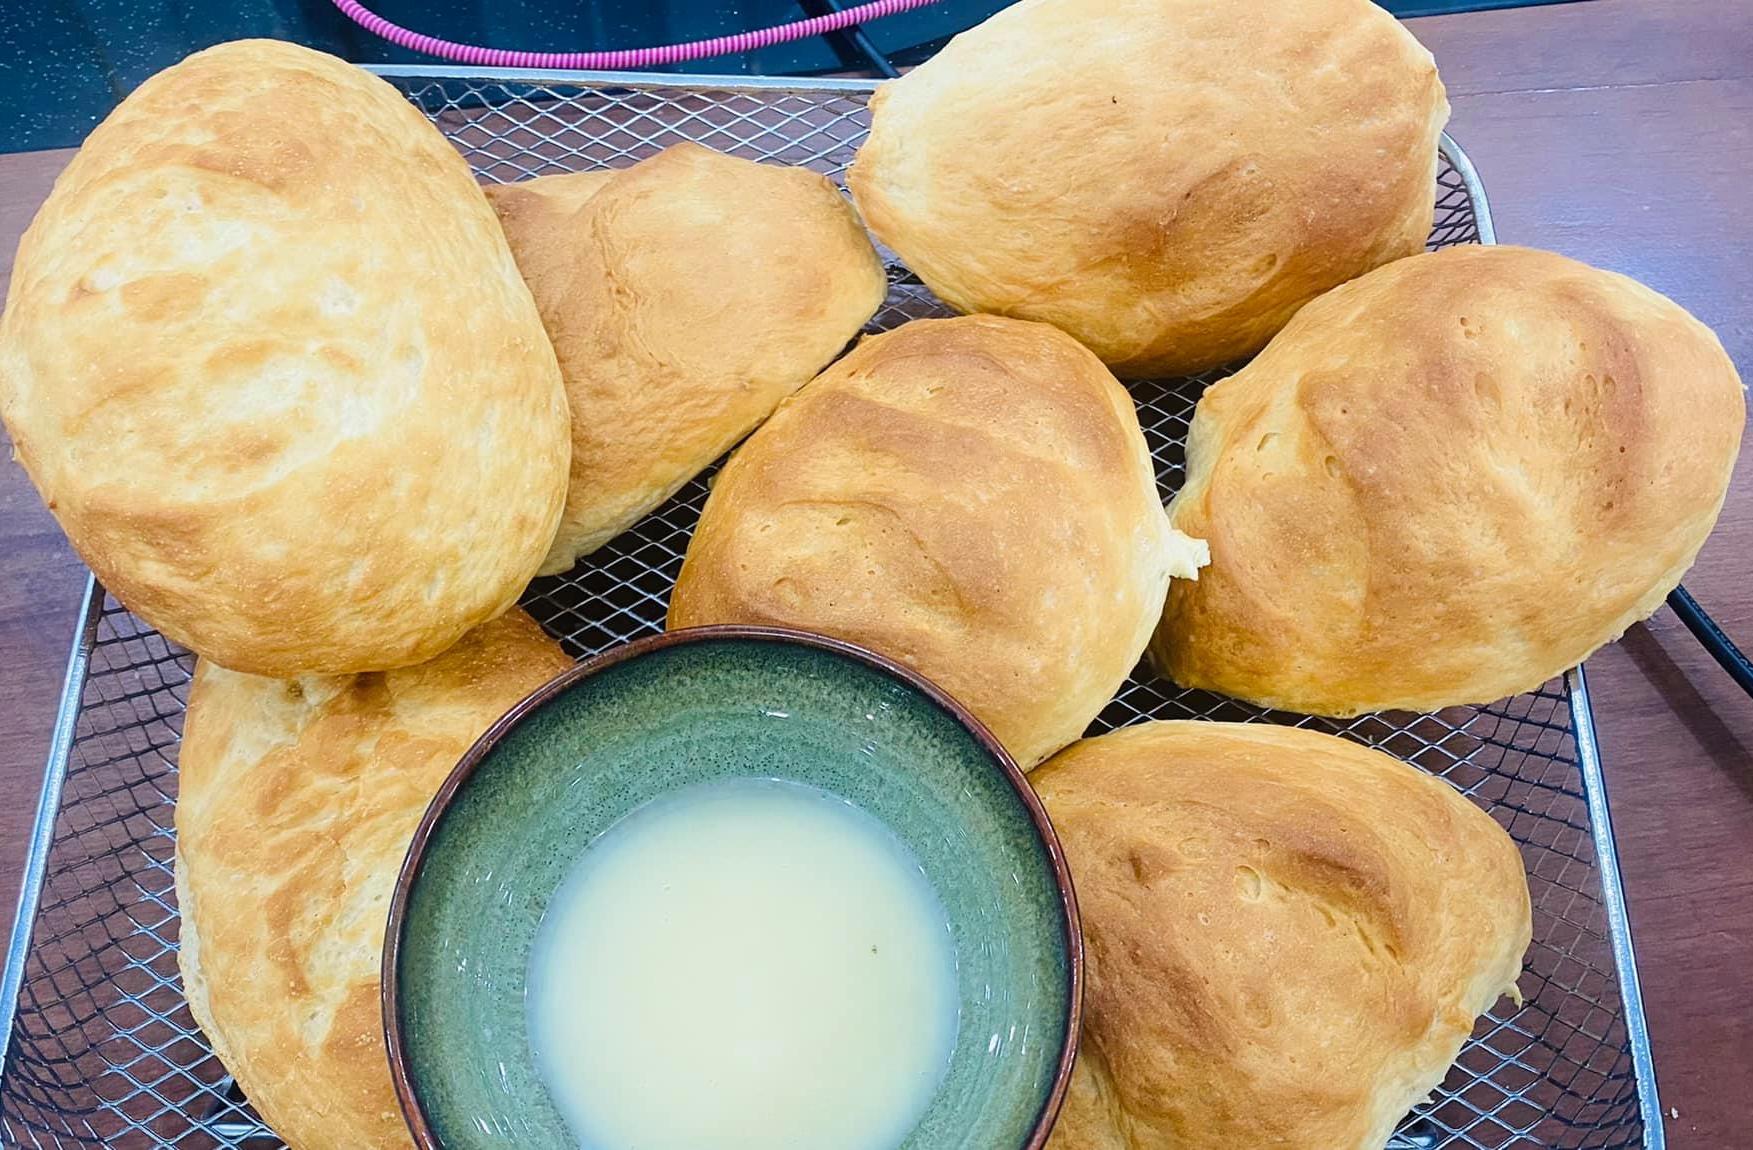 Cô nói, bánh mì trông vậy, nhưng thật ra cứng như đá dù cô đã canh chỉnh nhiệt độ kĩ càng nên cảm thấy như không có duyên với bánh mì. Tuy nhiên, bánh mì của cô đem chấm sữa đặc cũng không tồi. Nhiều người gợi ý nữ diễn viên nên giảm lượng bột lúc tạo hình bánh lại để bột dễ nở, đồng thời nhào bột vừa phải. Bột bị nhào quá tay sẽ bị chai, làm bánh nướng xong không được mềm, xốp như ý. Lúc tạo hình bánh thì nên